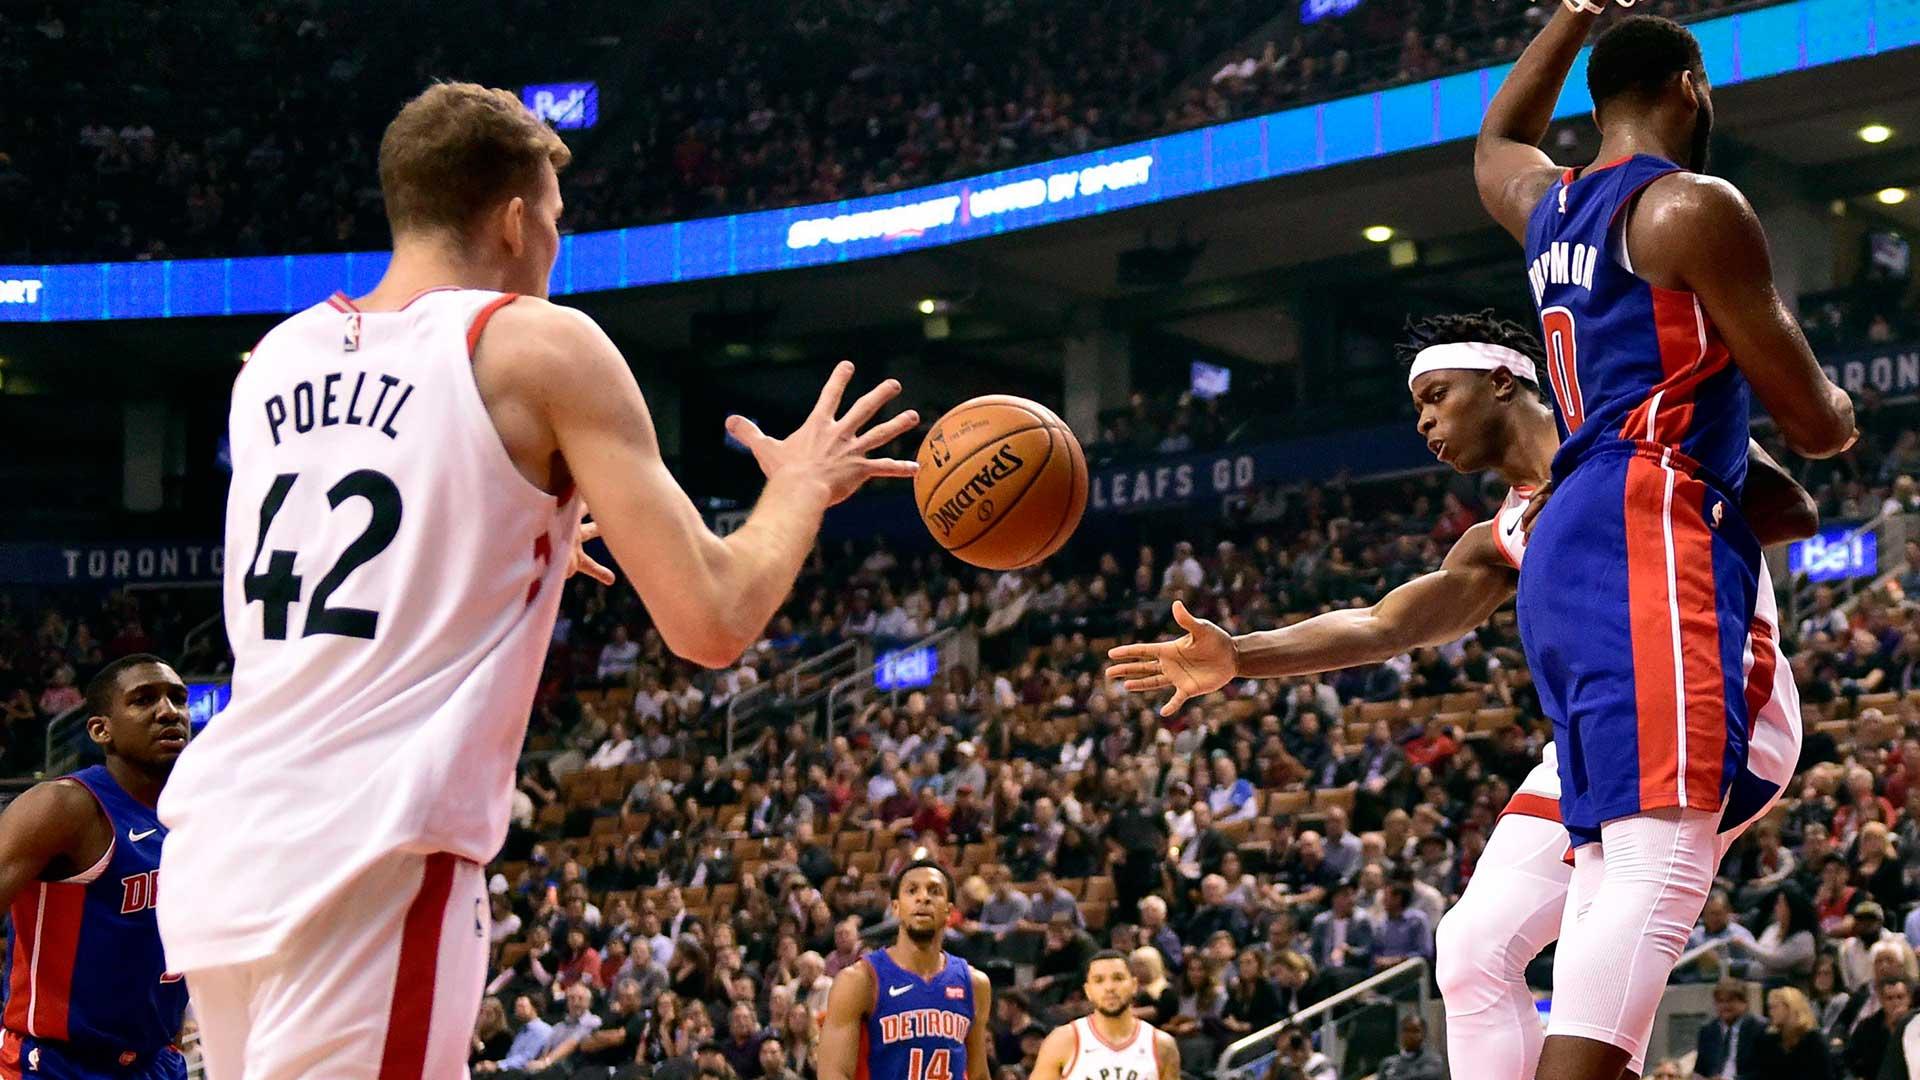 7deb5bfce32 Raptors pre-season notes: Rookie OG Anunoby impresses in NBA debut ...